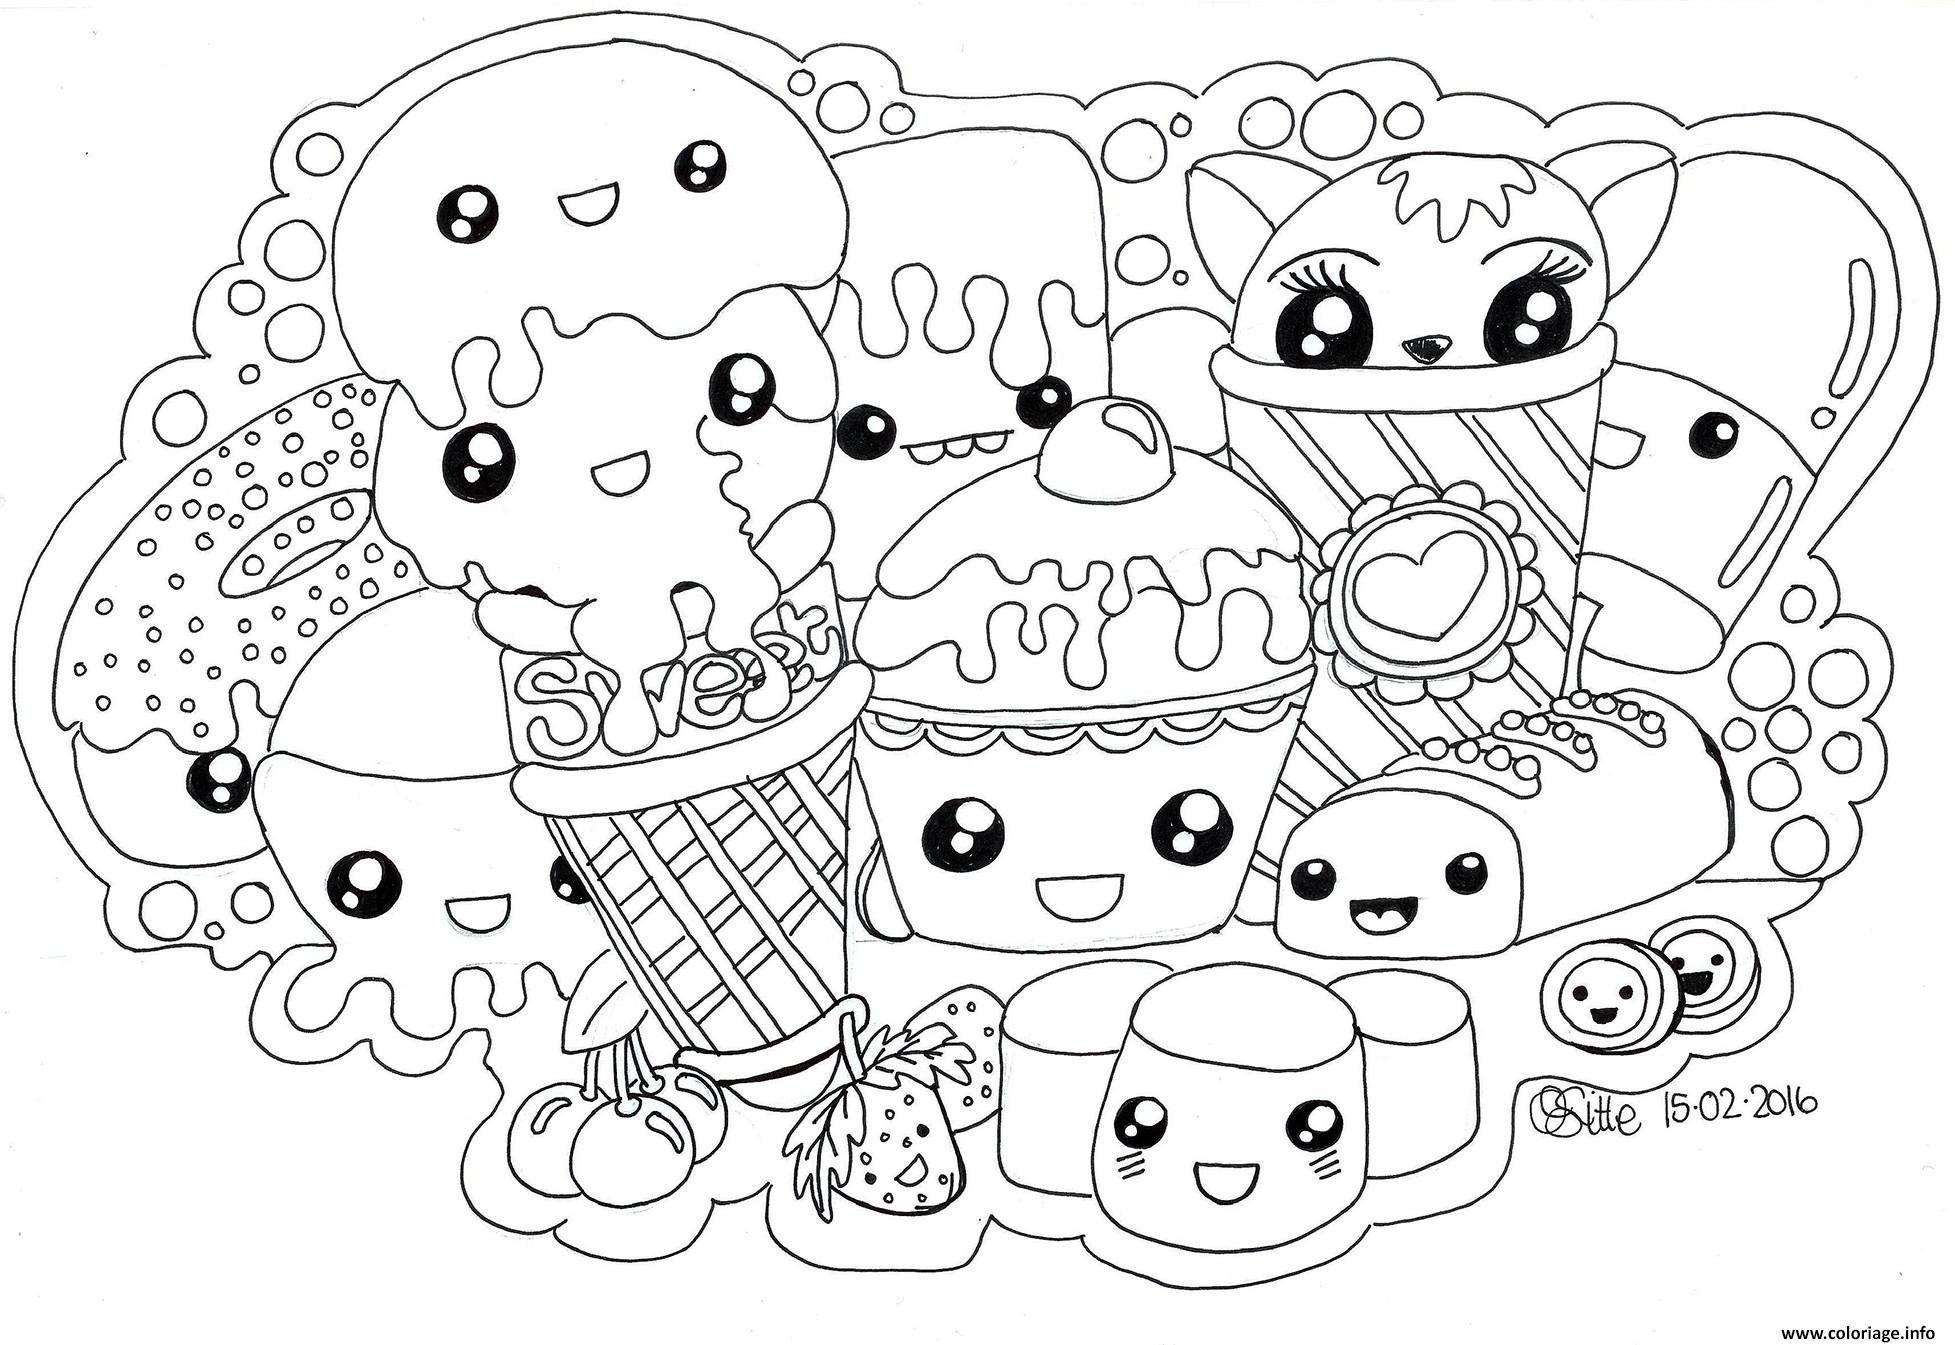 Des Dessin Imprimer Moderne Image Coloriage Manga Les Beaux Dessins Mit Dessin A Imprimer By Ahmad Coloriage Kawaii Dessin Kawaii A Colorier Coloriage Manga